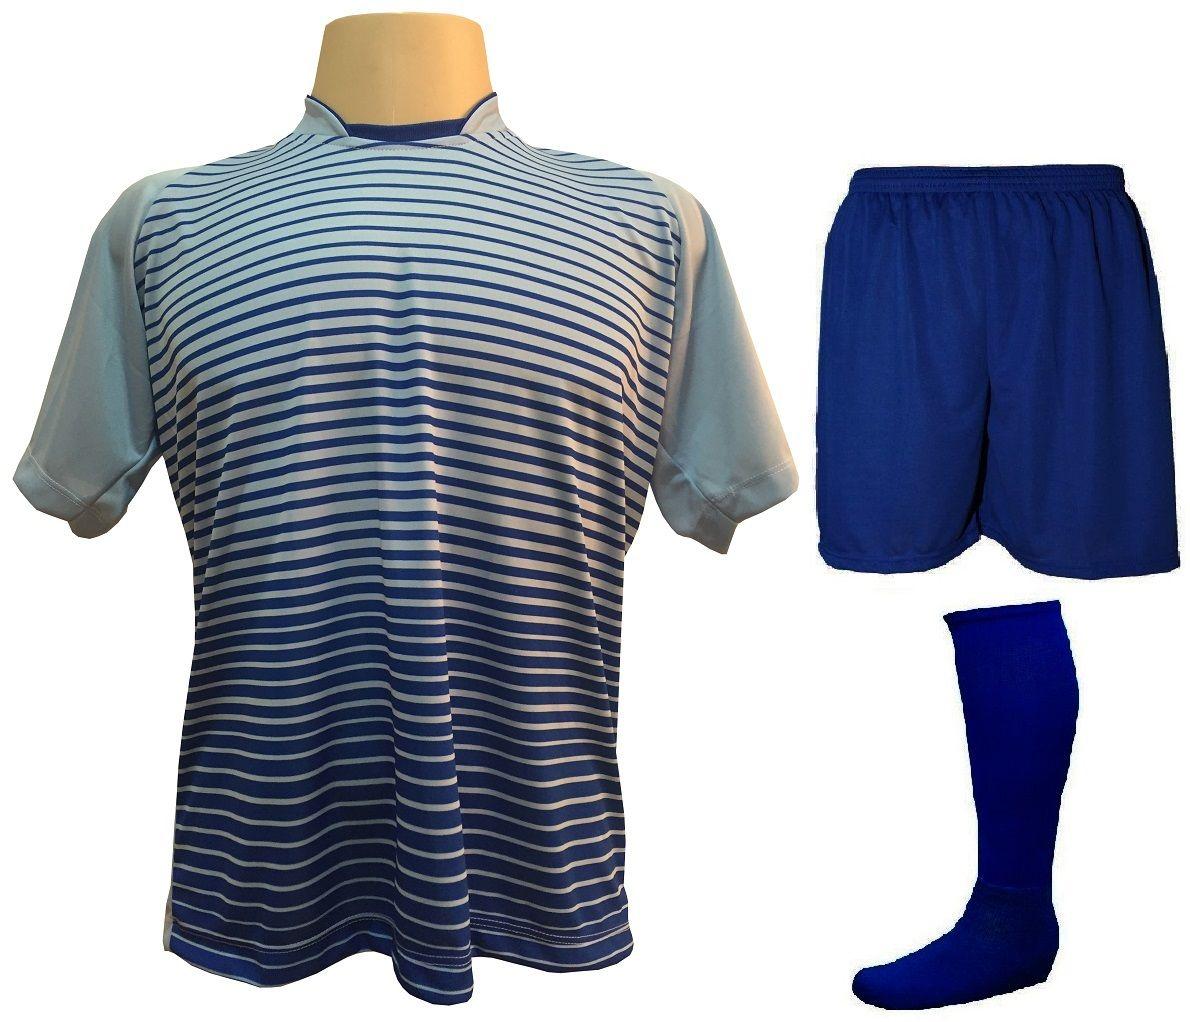 Uniforme Esportivo com 18 camisas modelo City Celeste/Royal + 18 calções modelo Madrid Royal + 18 pares de meiões Royal